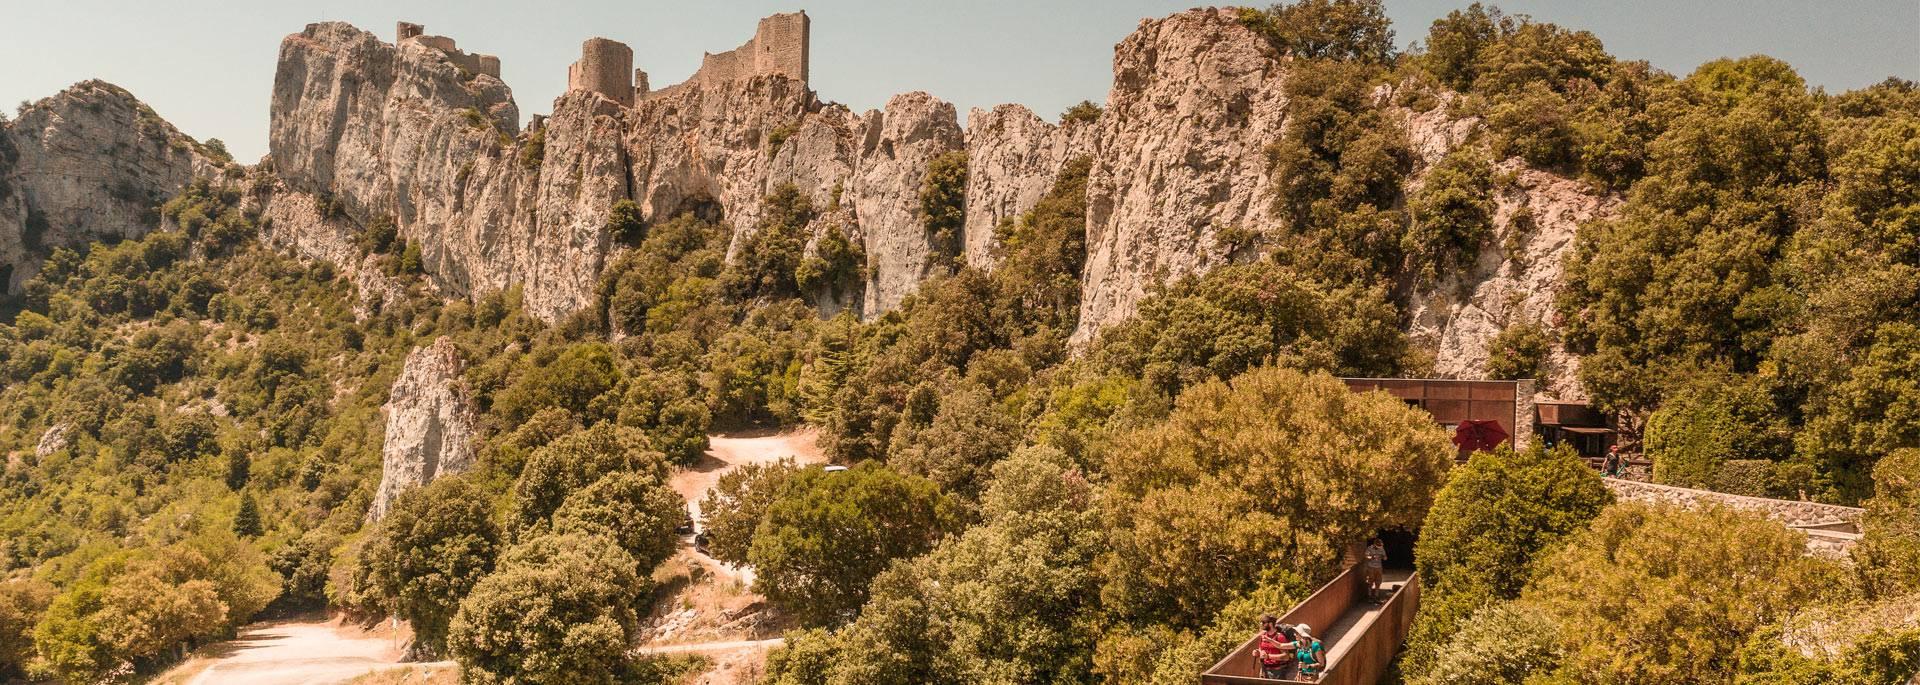 Visite du château de Peyrepertuse et sa passerelle